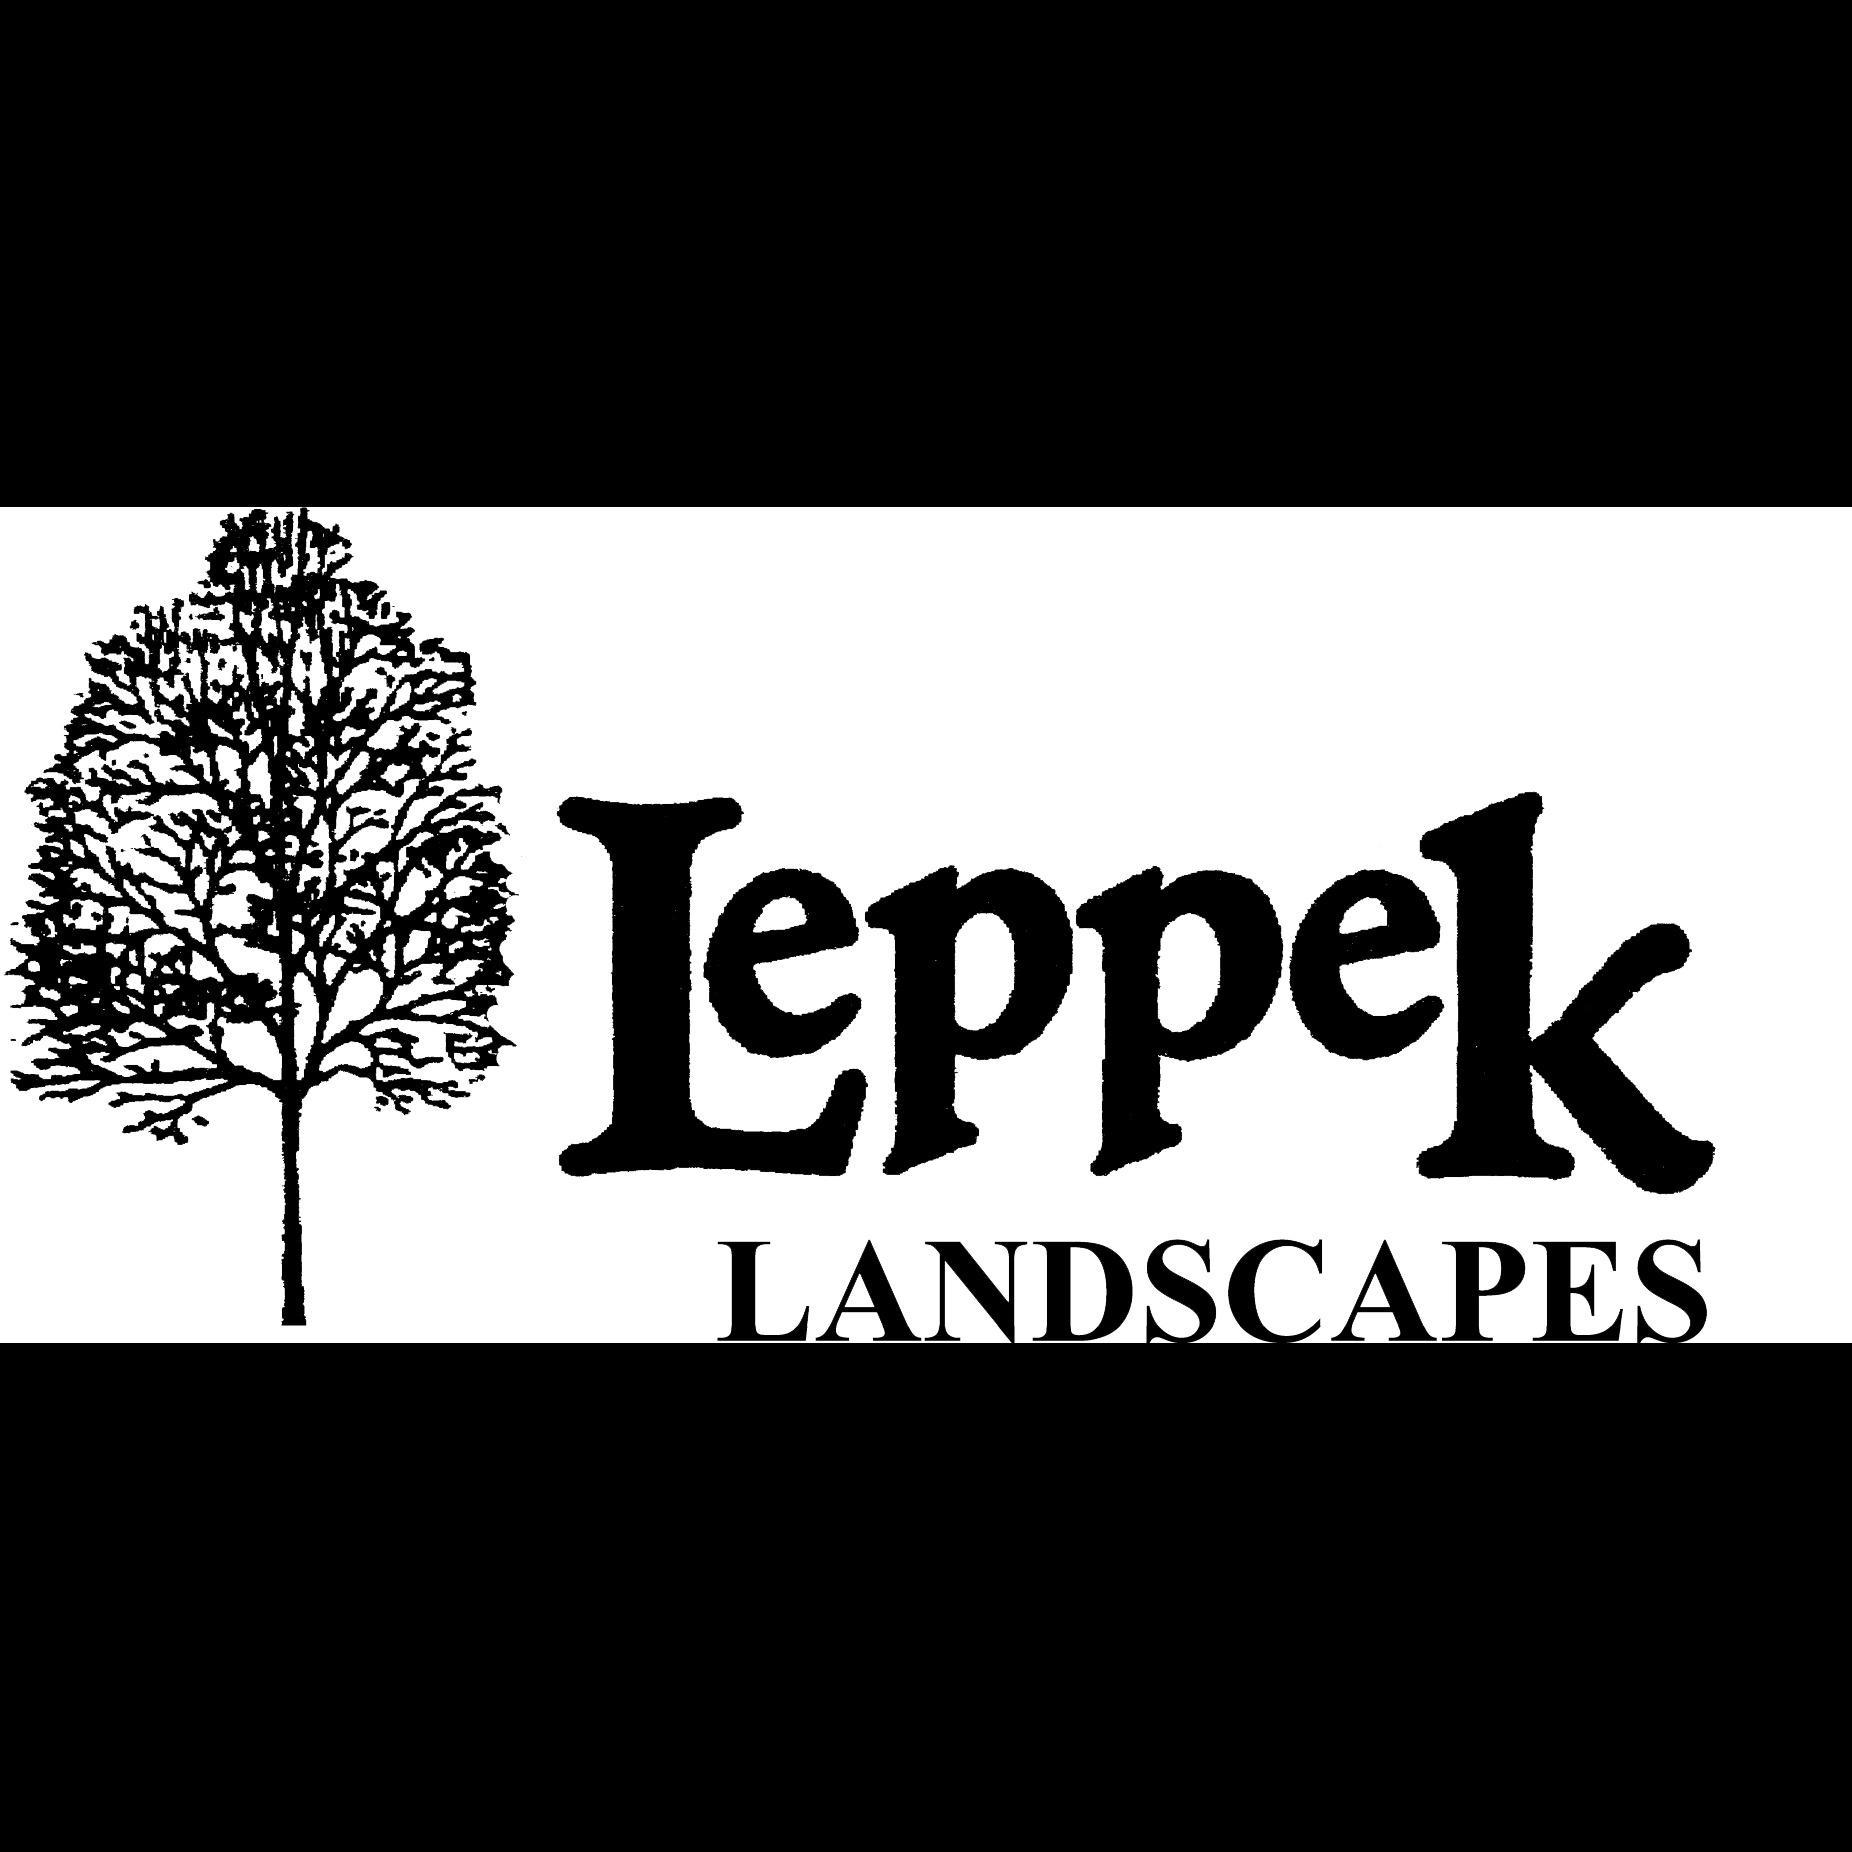 Leppek Landscapes image 0